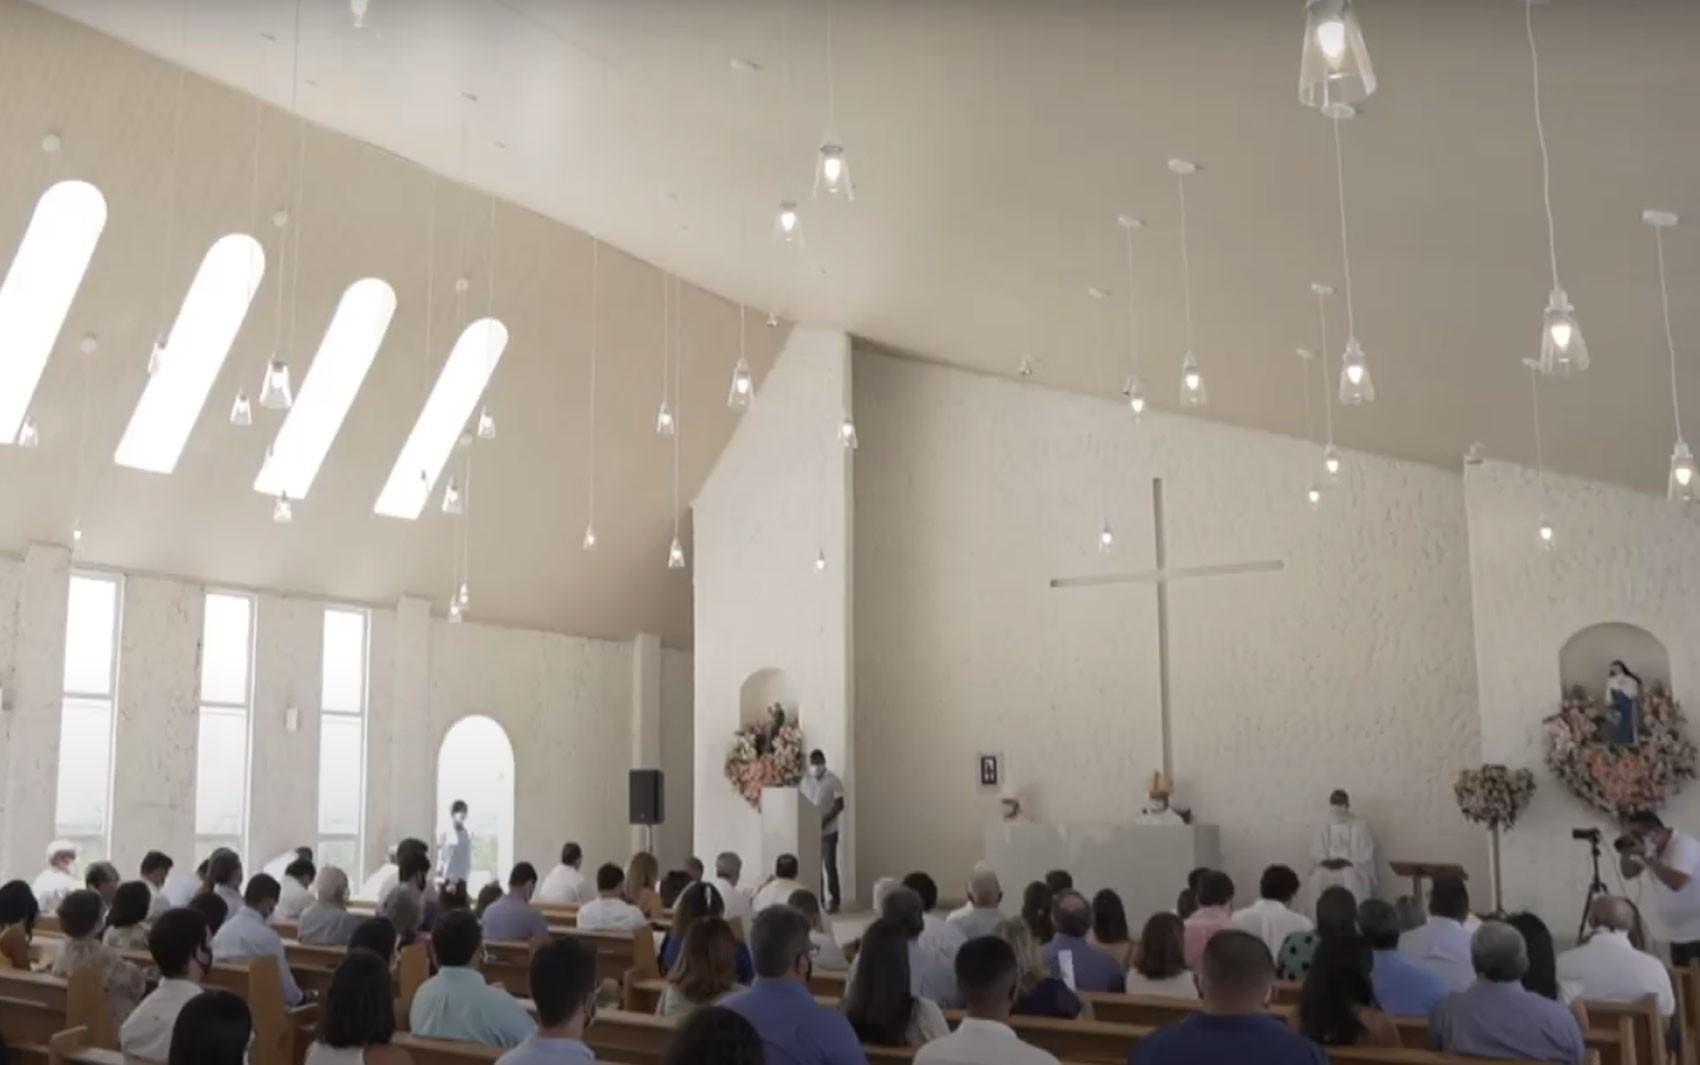 Com missa solene, capela e memorial em homenagem a Santa Dulce dos Pobres são inaugurados em Castro Alves